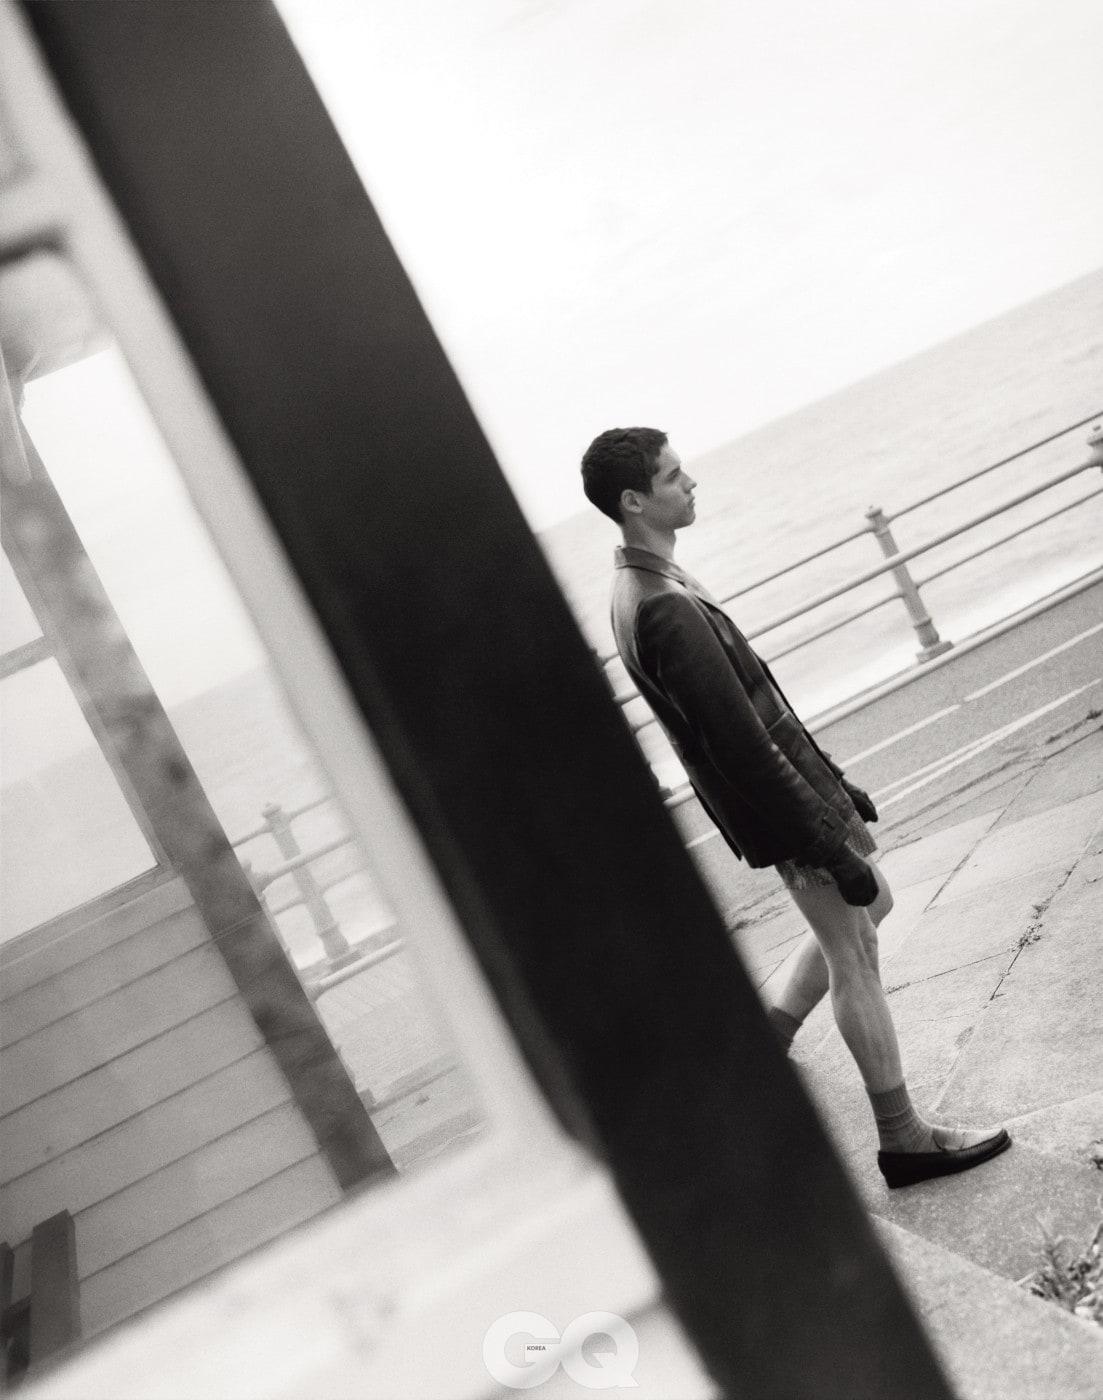 갈색 가죽 재킷과 검정 점퍼, 모두 프라다. 페이즐리 박서, 선스펠. 울 양말, 글렌뮤어 by 삭숍. 갈색 로퍼, GH 바스.